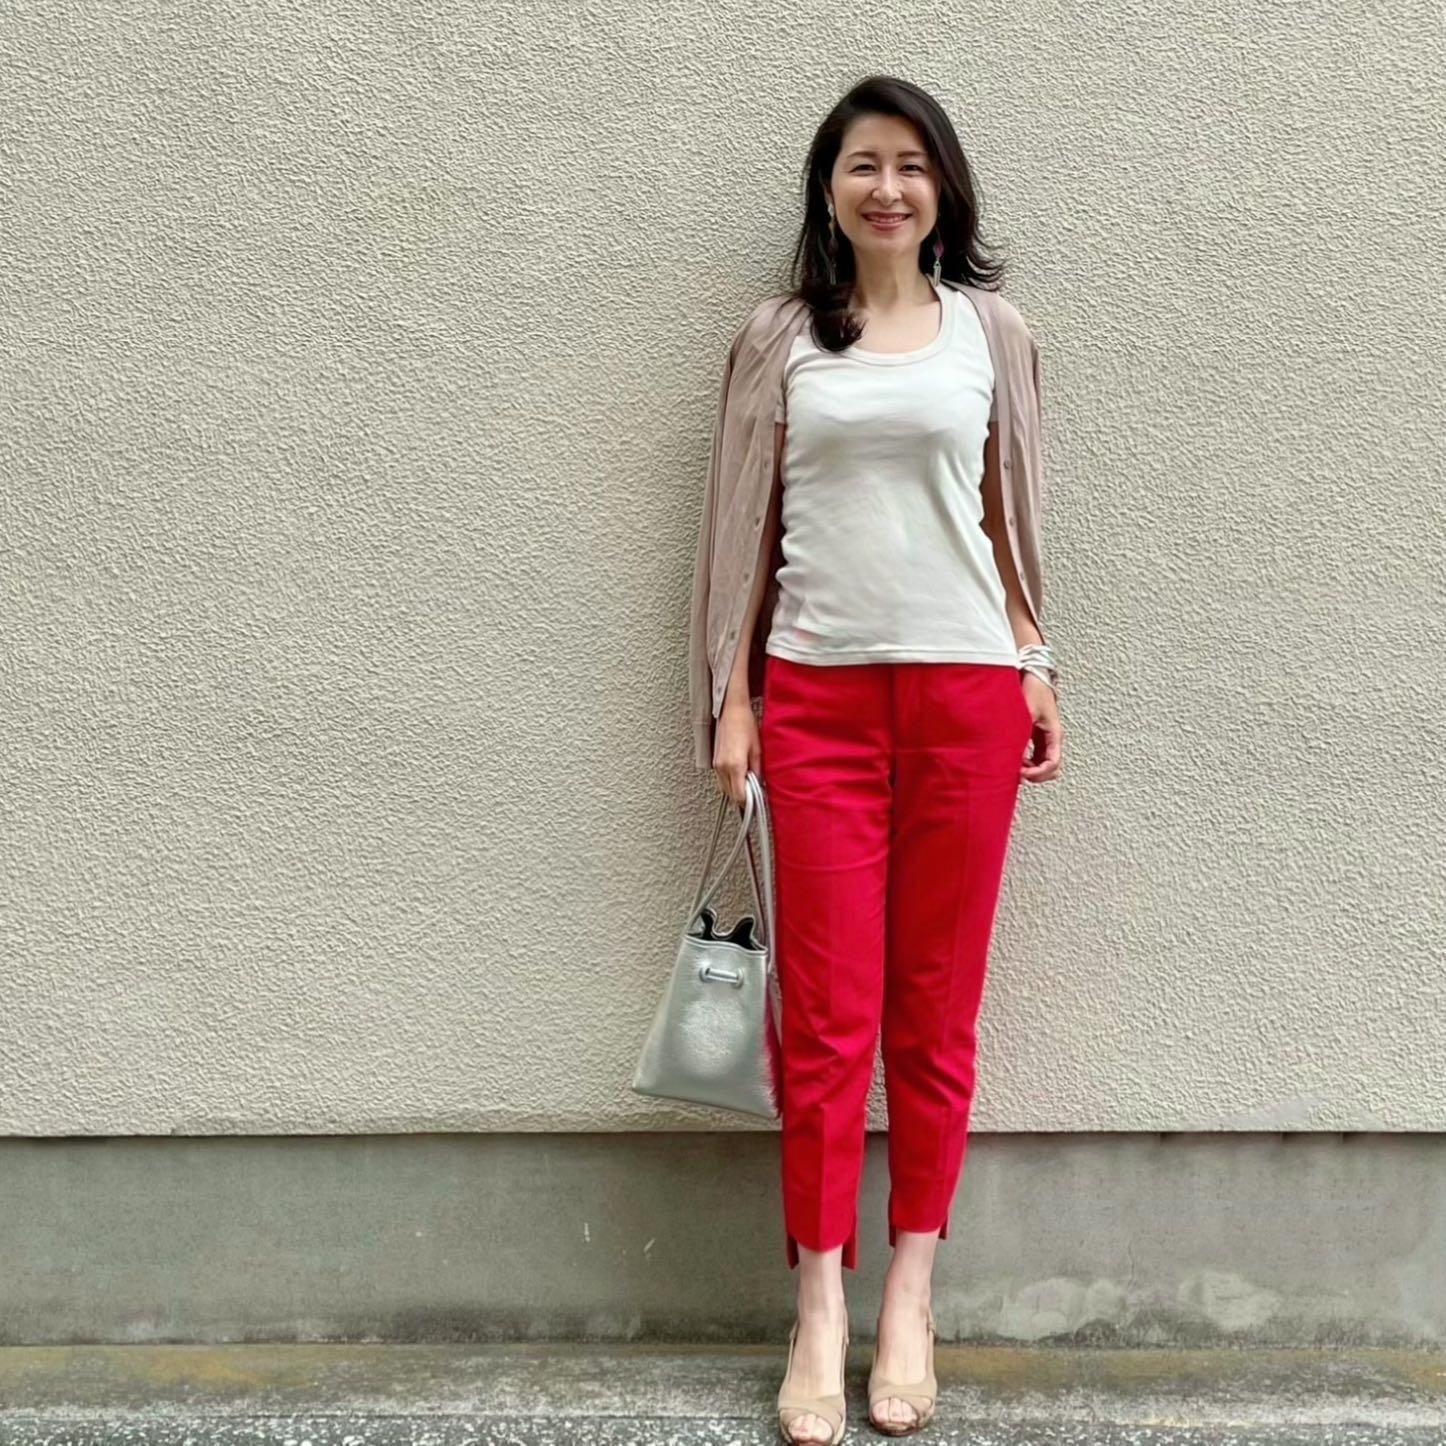 赤のクロップドパンツ、ライトベージュのTシャツ、ベージュのカーディガン、ベージュのサンダル、シルバーバッグ